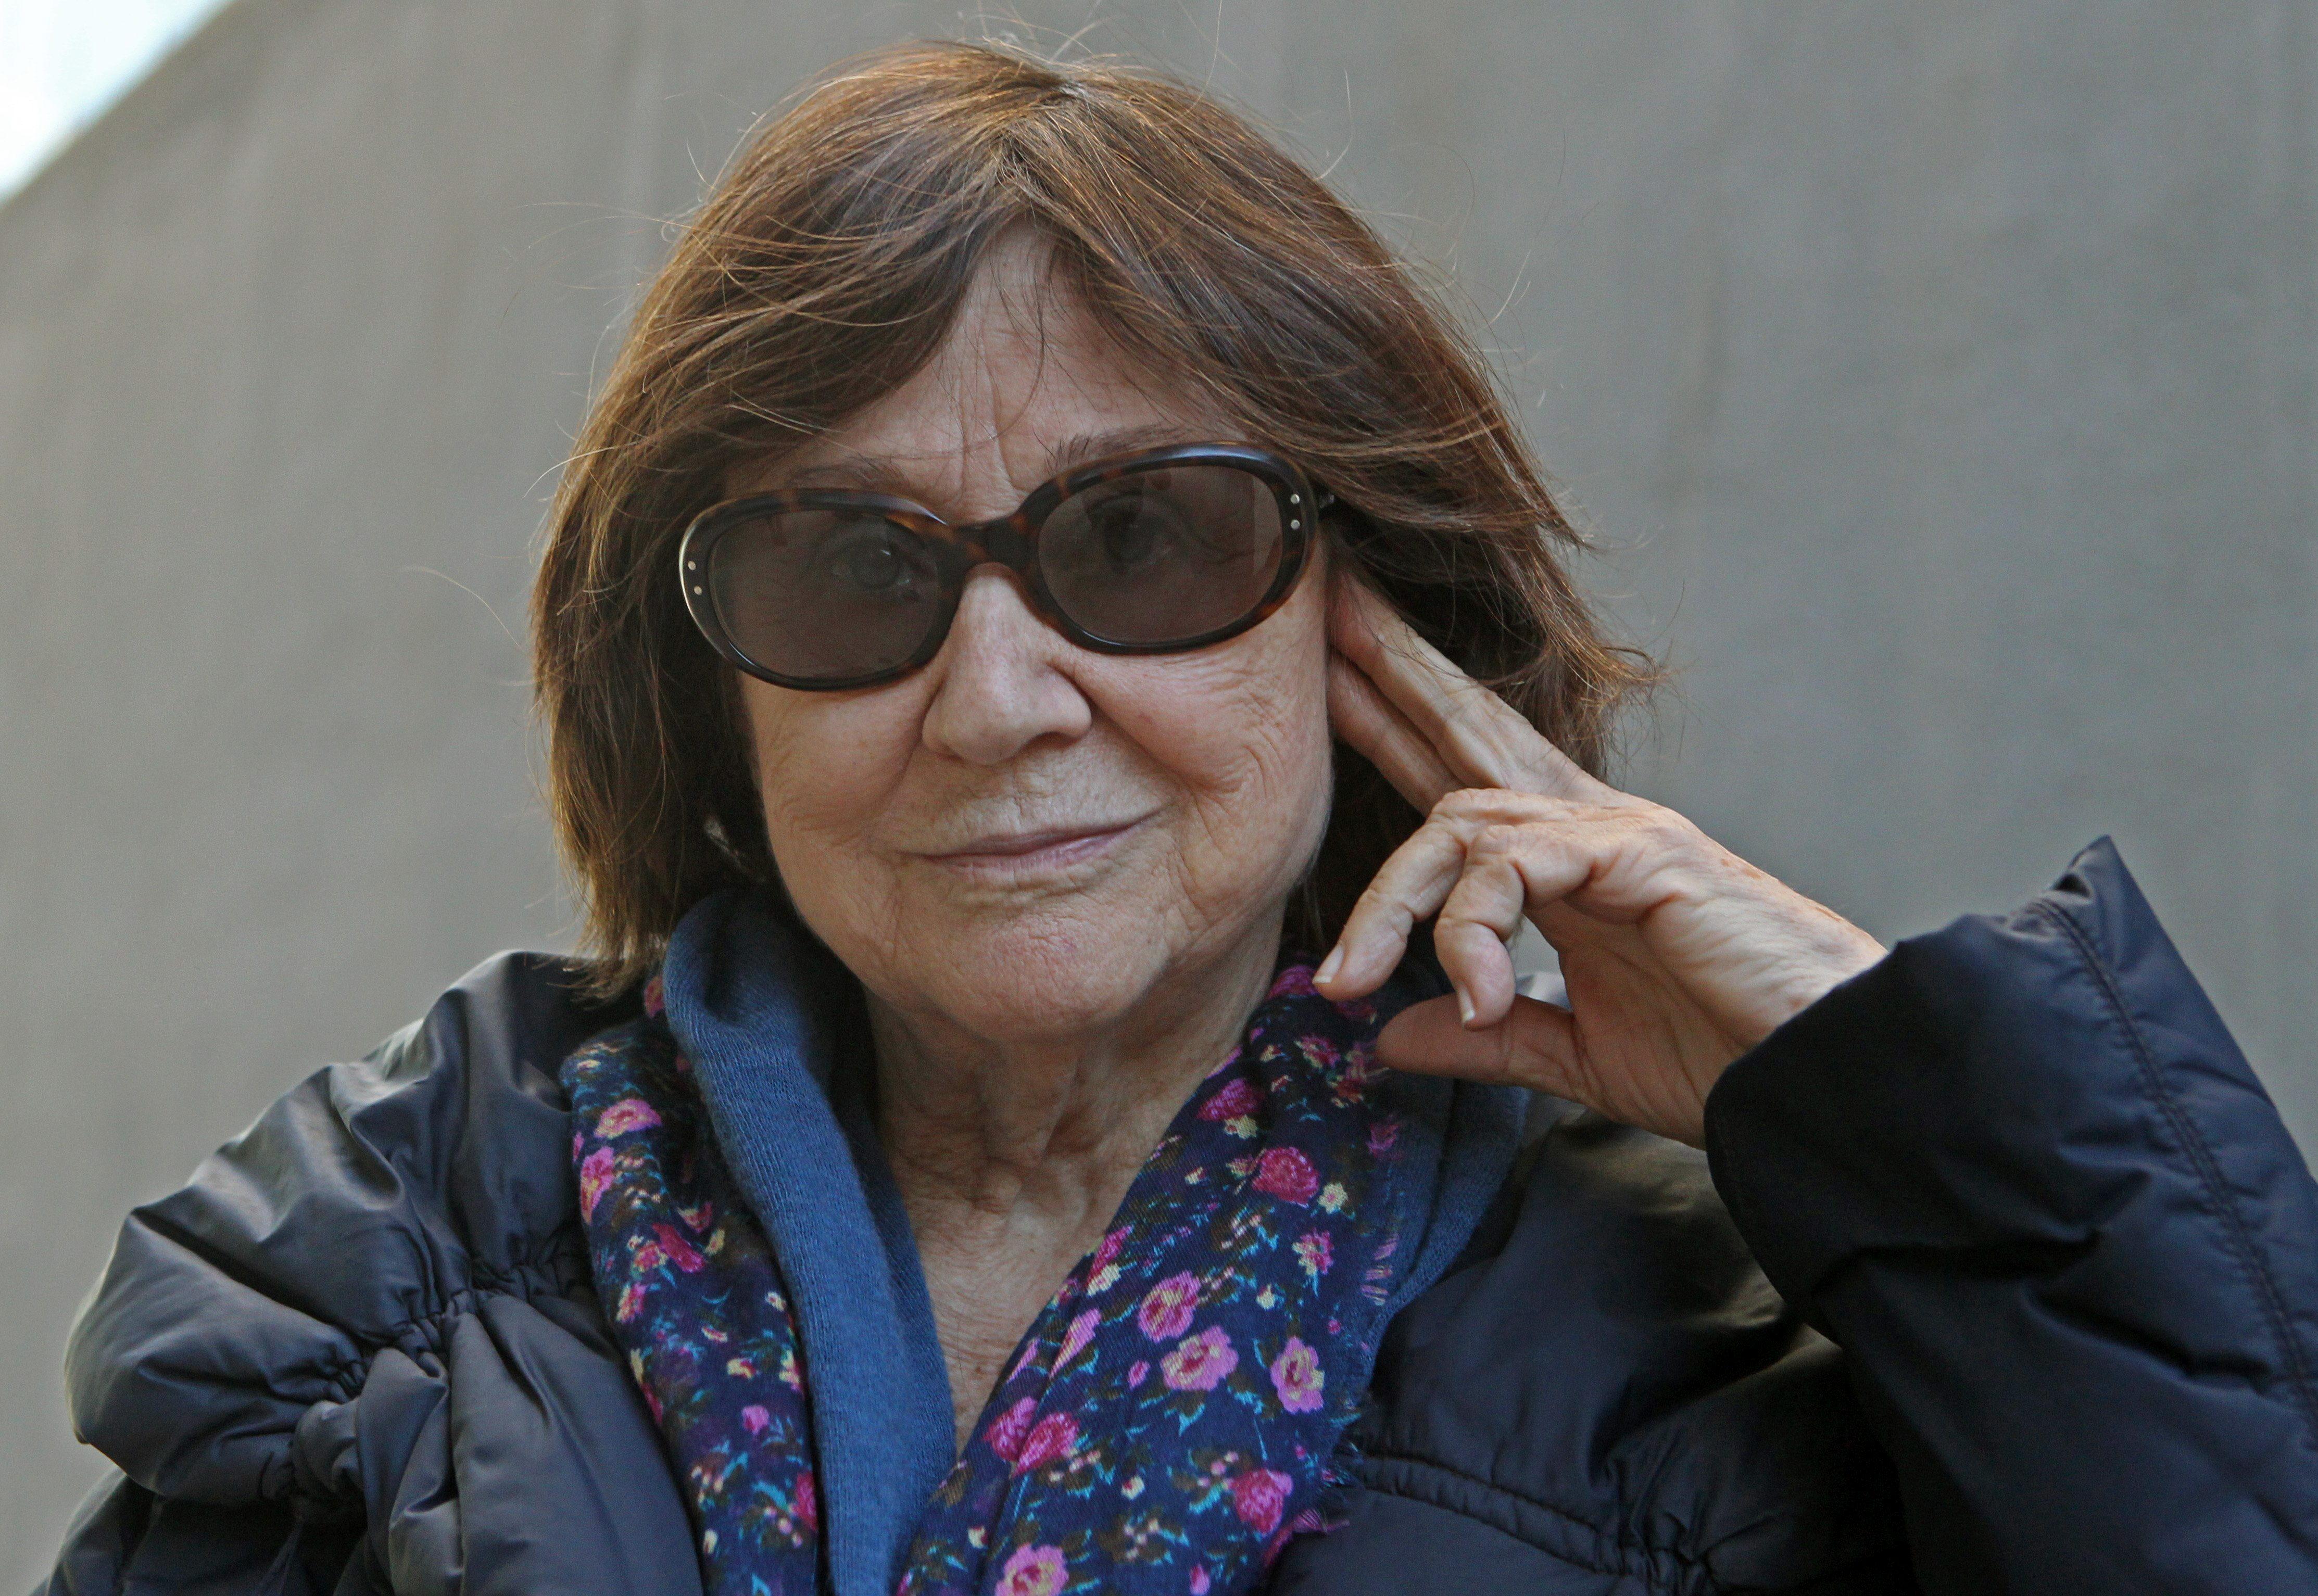 Julieta Serrano: «Me sigue haciendo ilusión ensayar, trabajar, aprender»